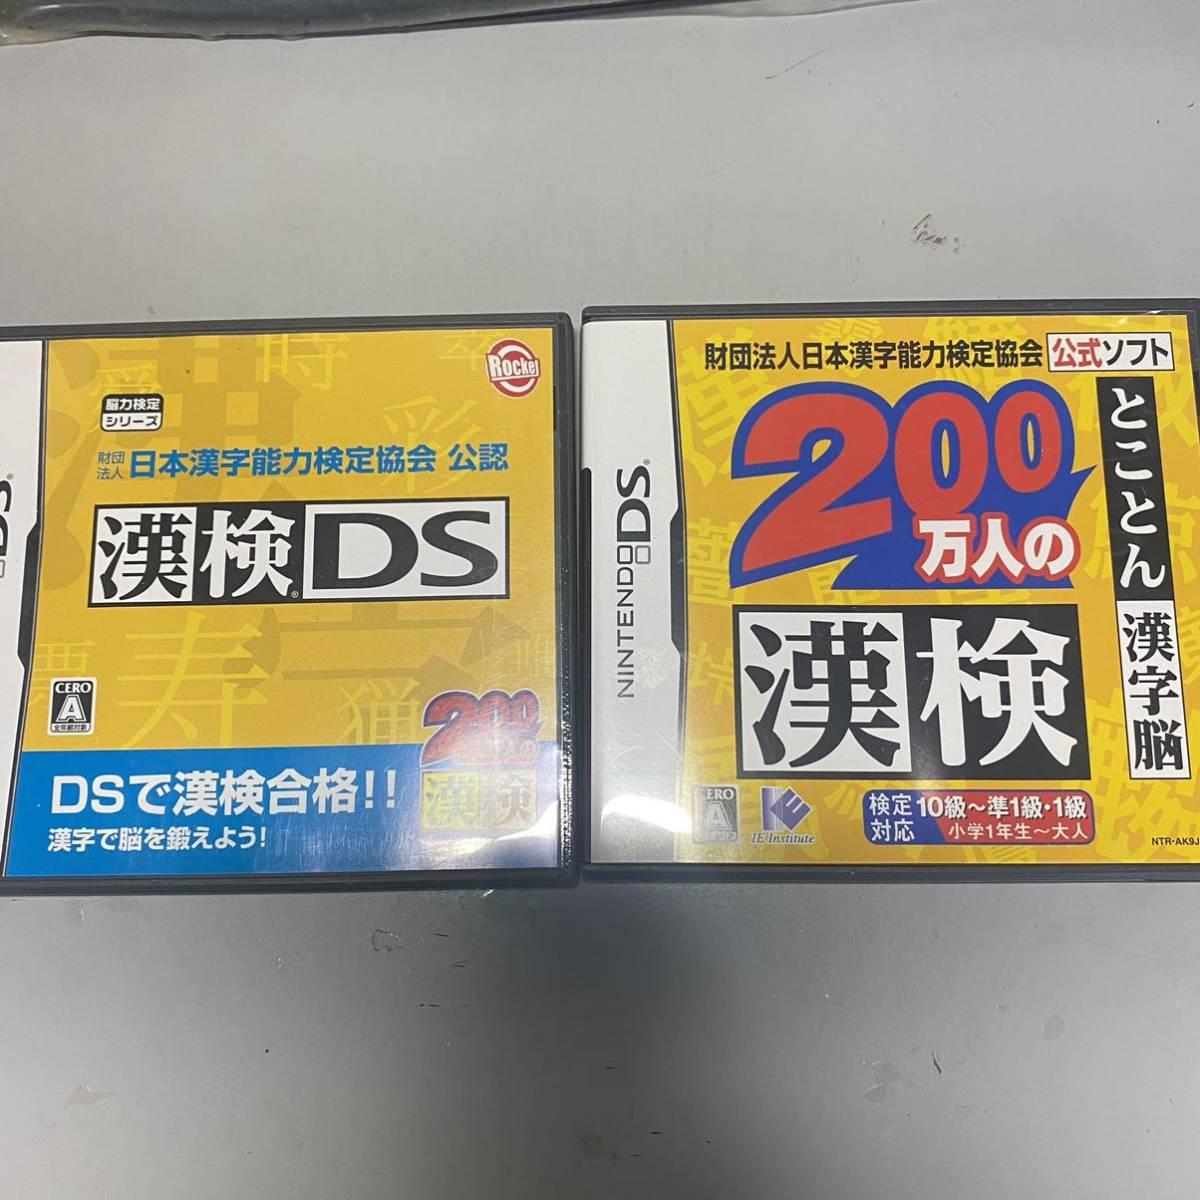 匿名配送 送料無料 漢検DS 200万人の漢検DS 3DSでも遊べます。